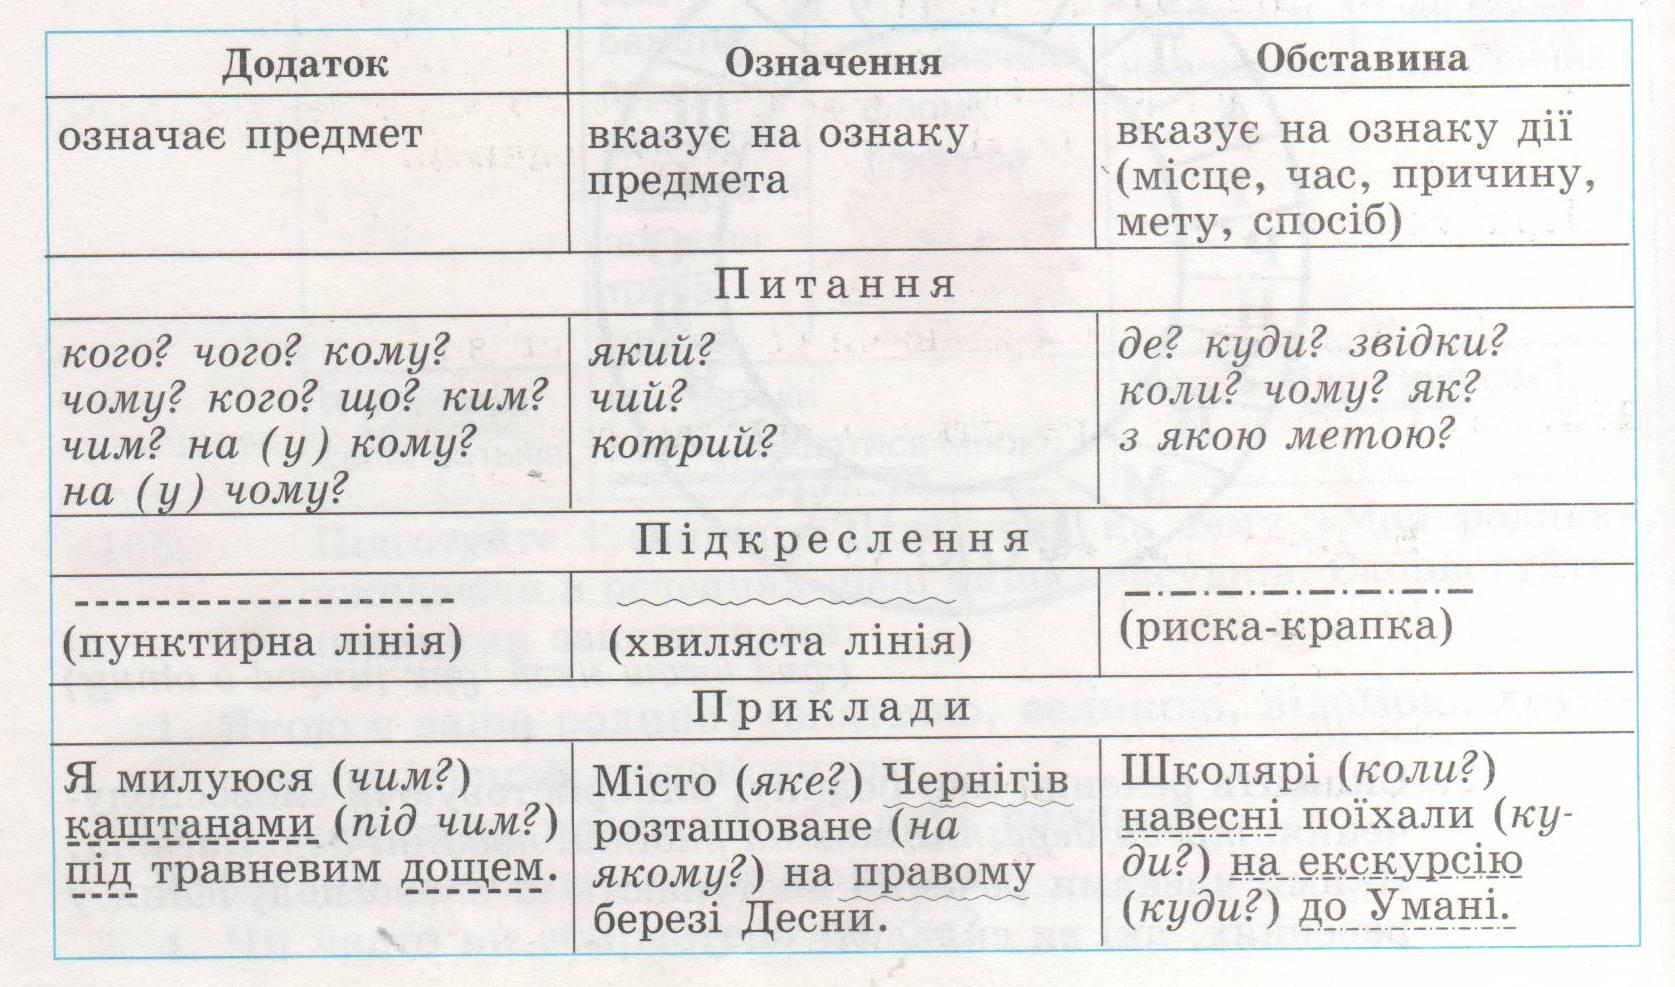 приклади речень яким знаком